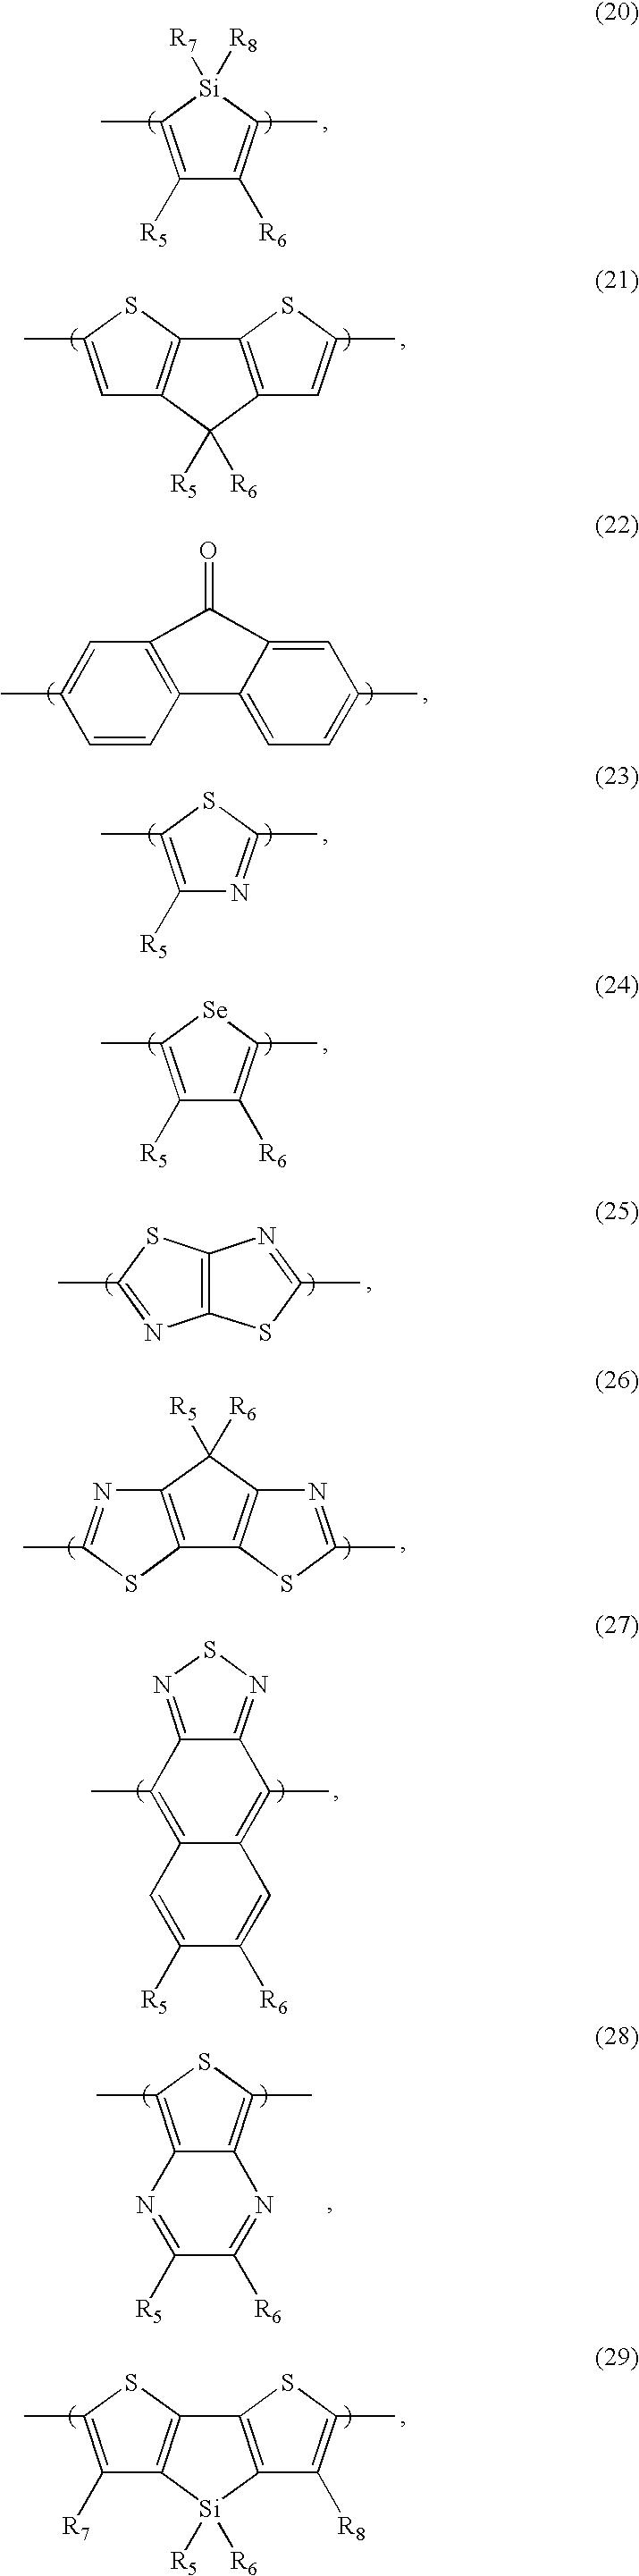 Figure US20080236657A1-20081002-C00004